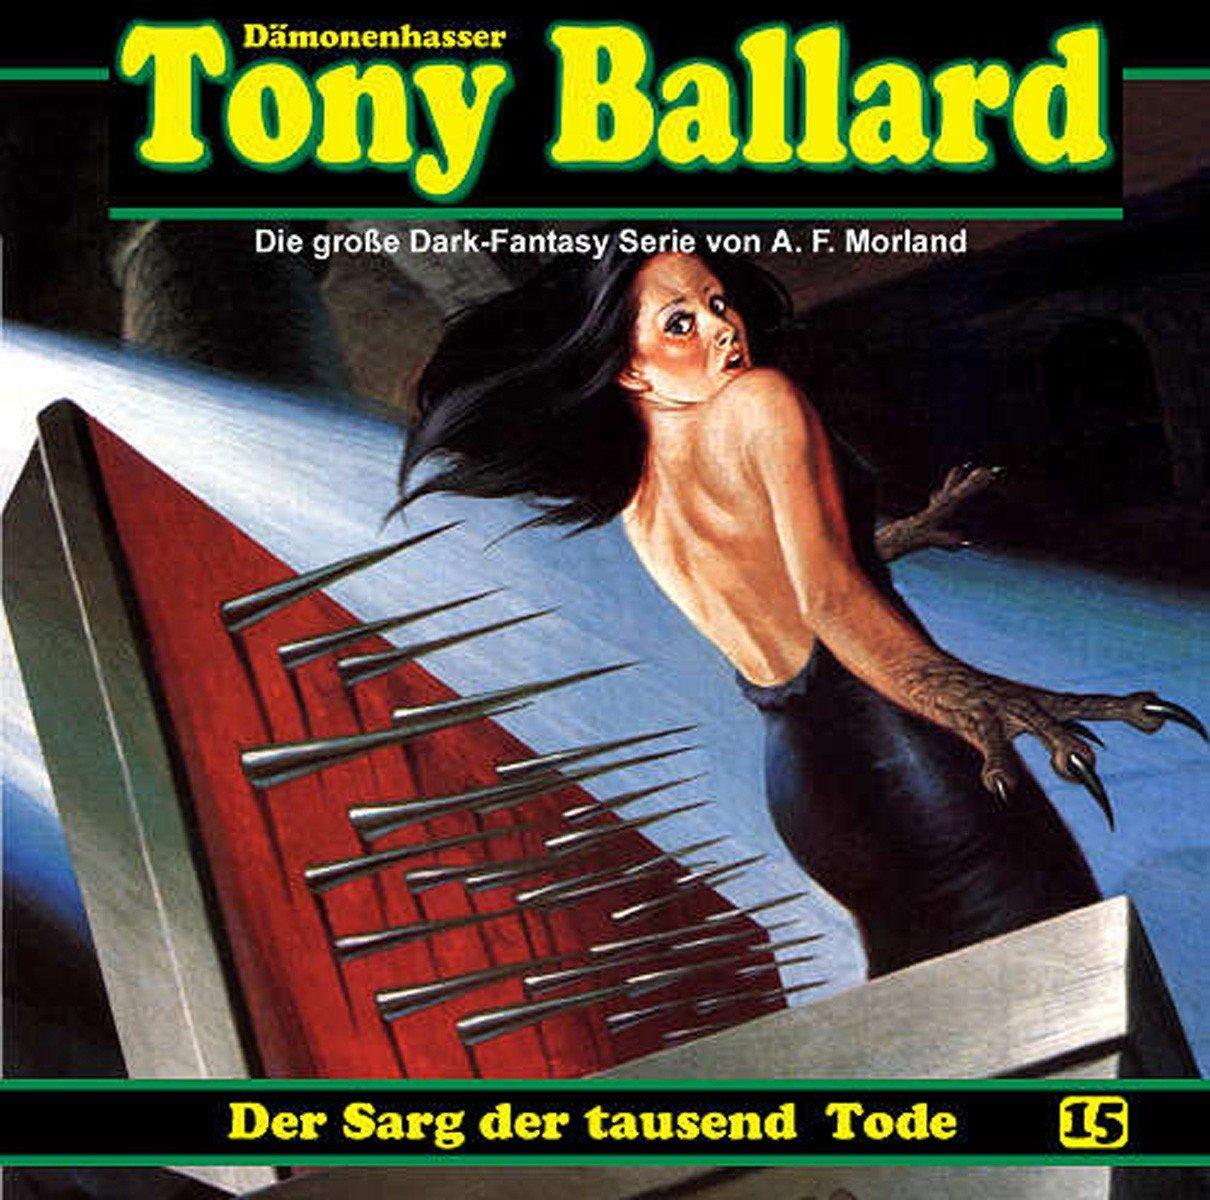 Tony Ballard (15) Der Sarg der tausend Tode (DLP)